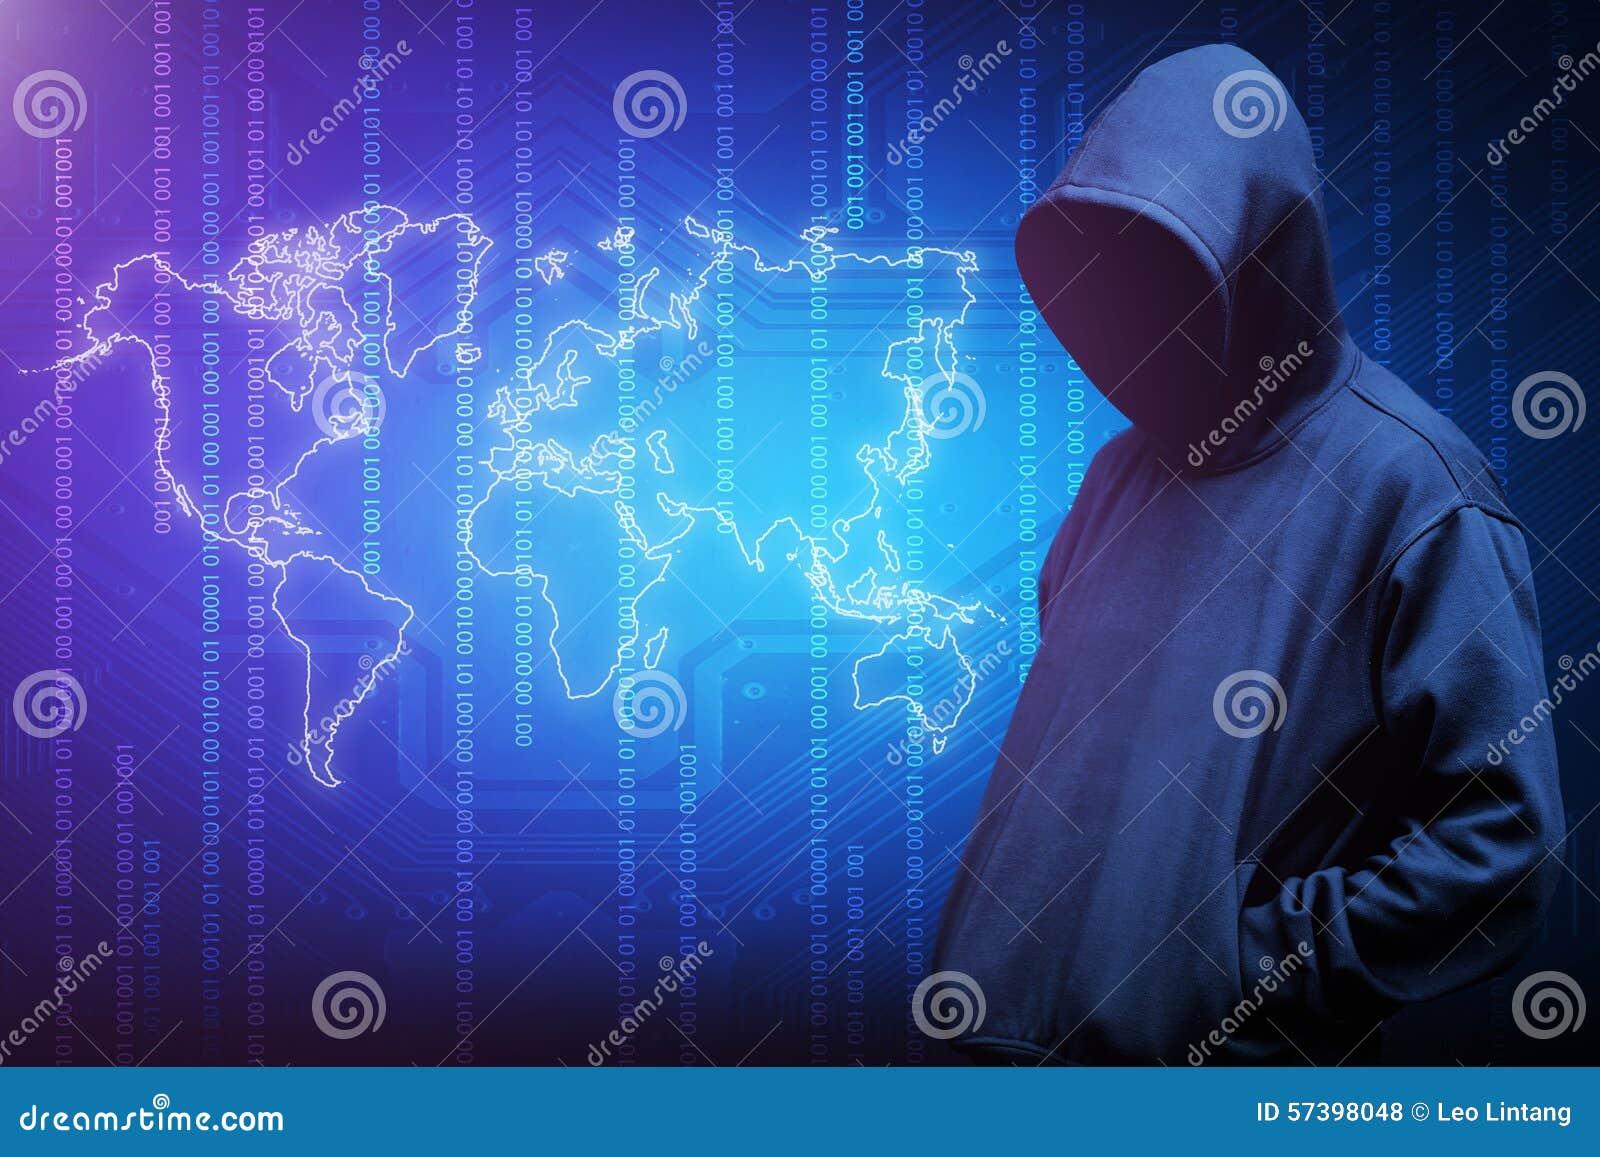 Het silhouet van de computerhakker van de mens met een kap